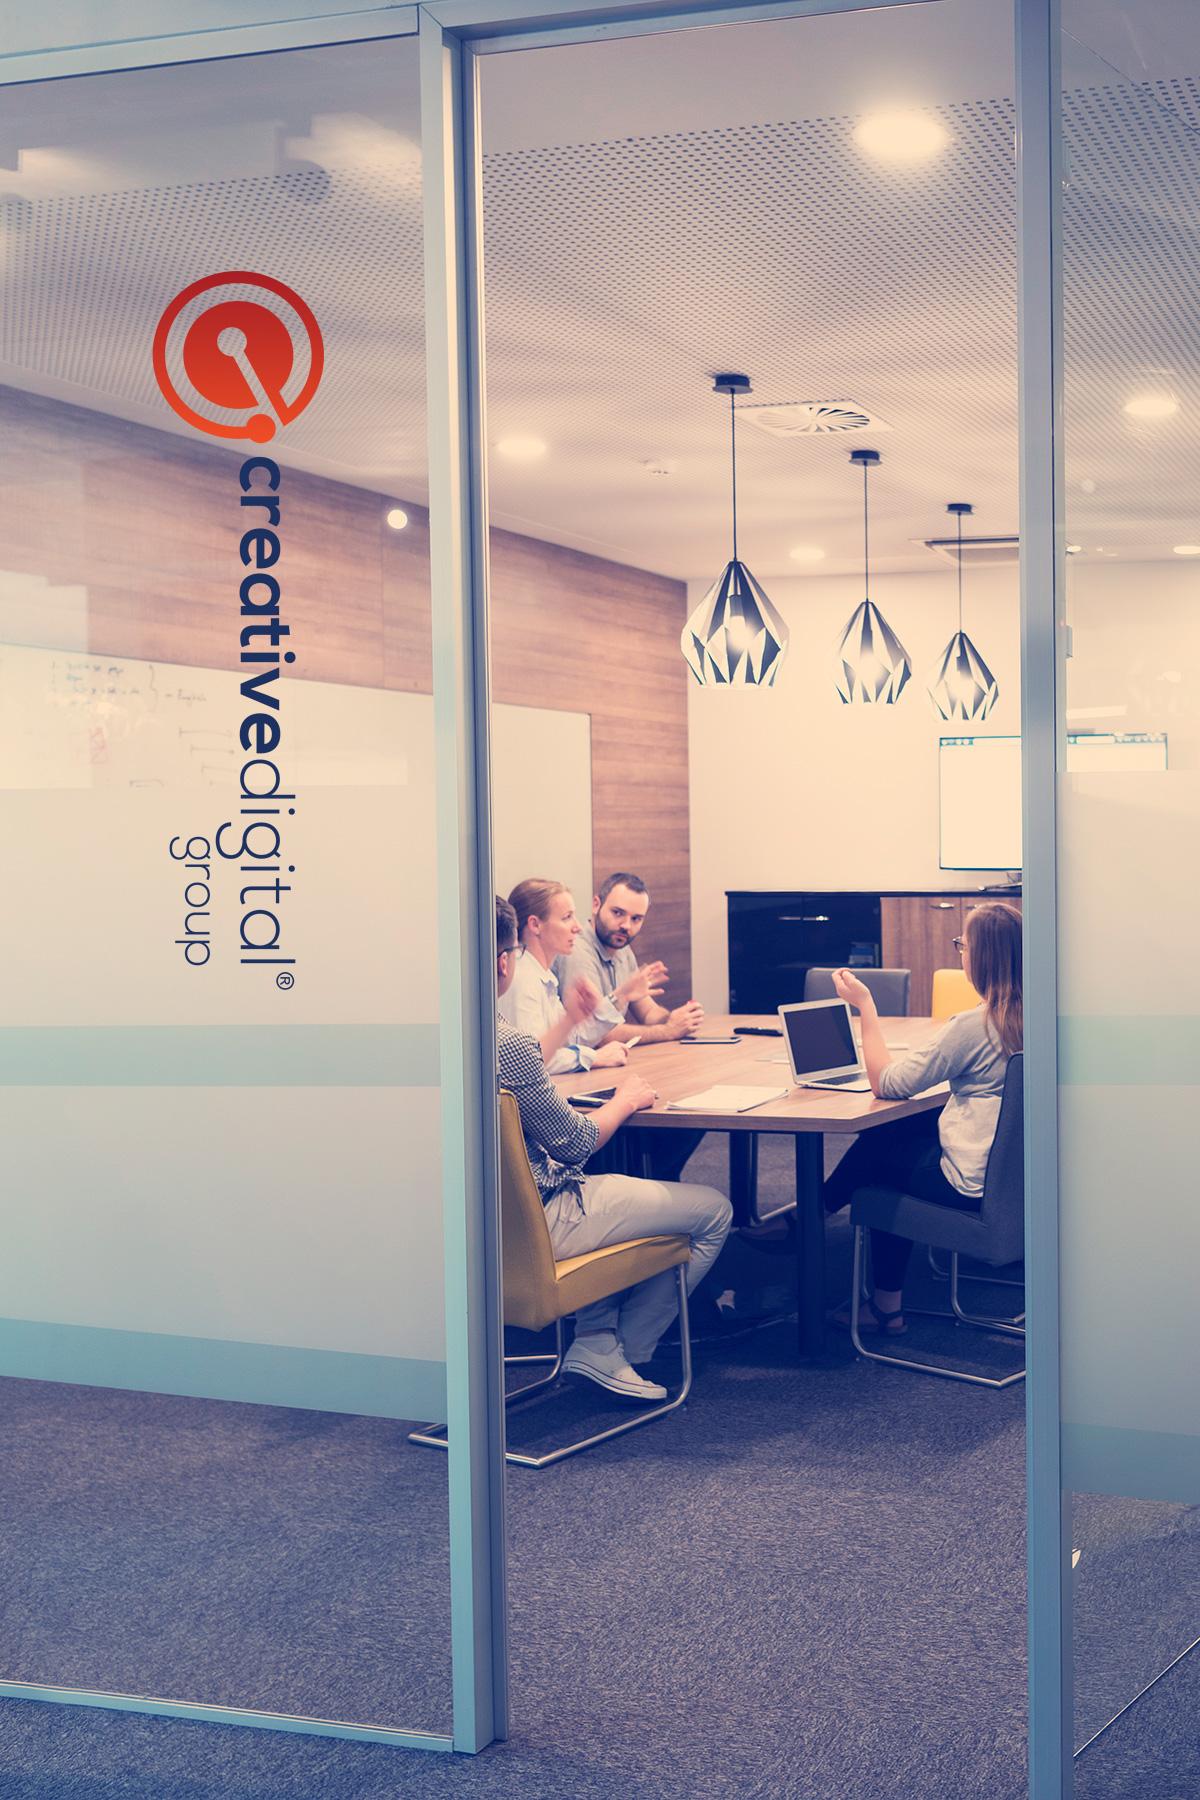 graphic design services in Las Vegas